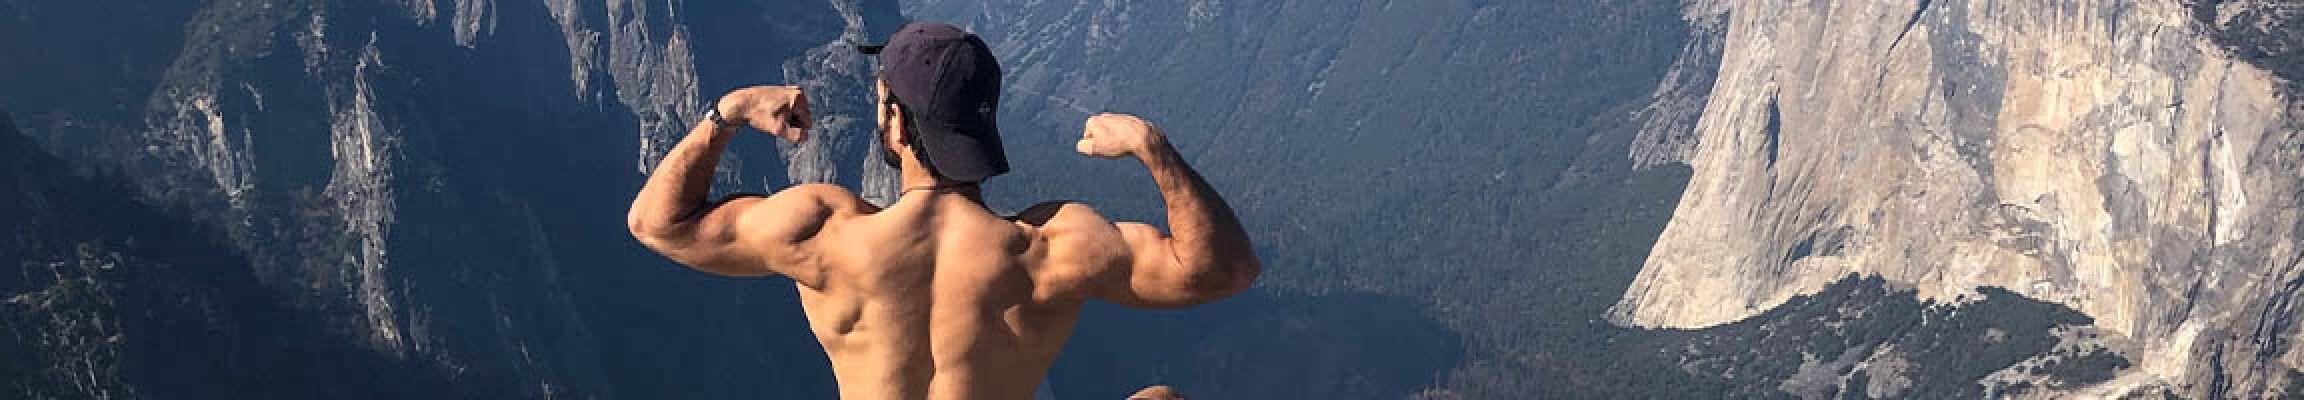 Optimales Trainingsvolumen zum Muskelaufbau